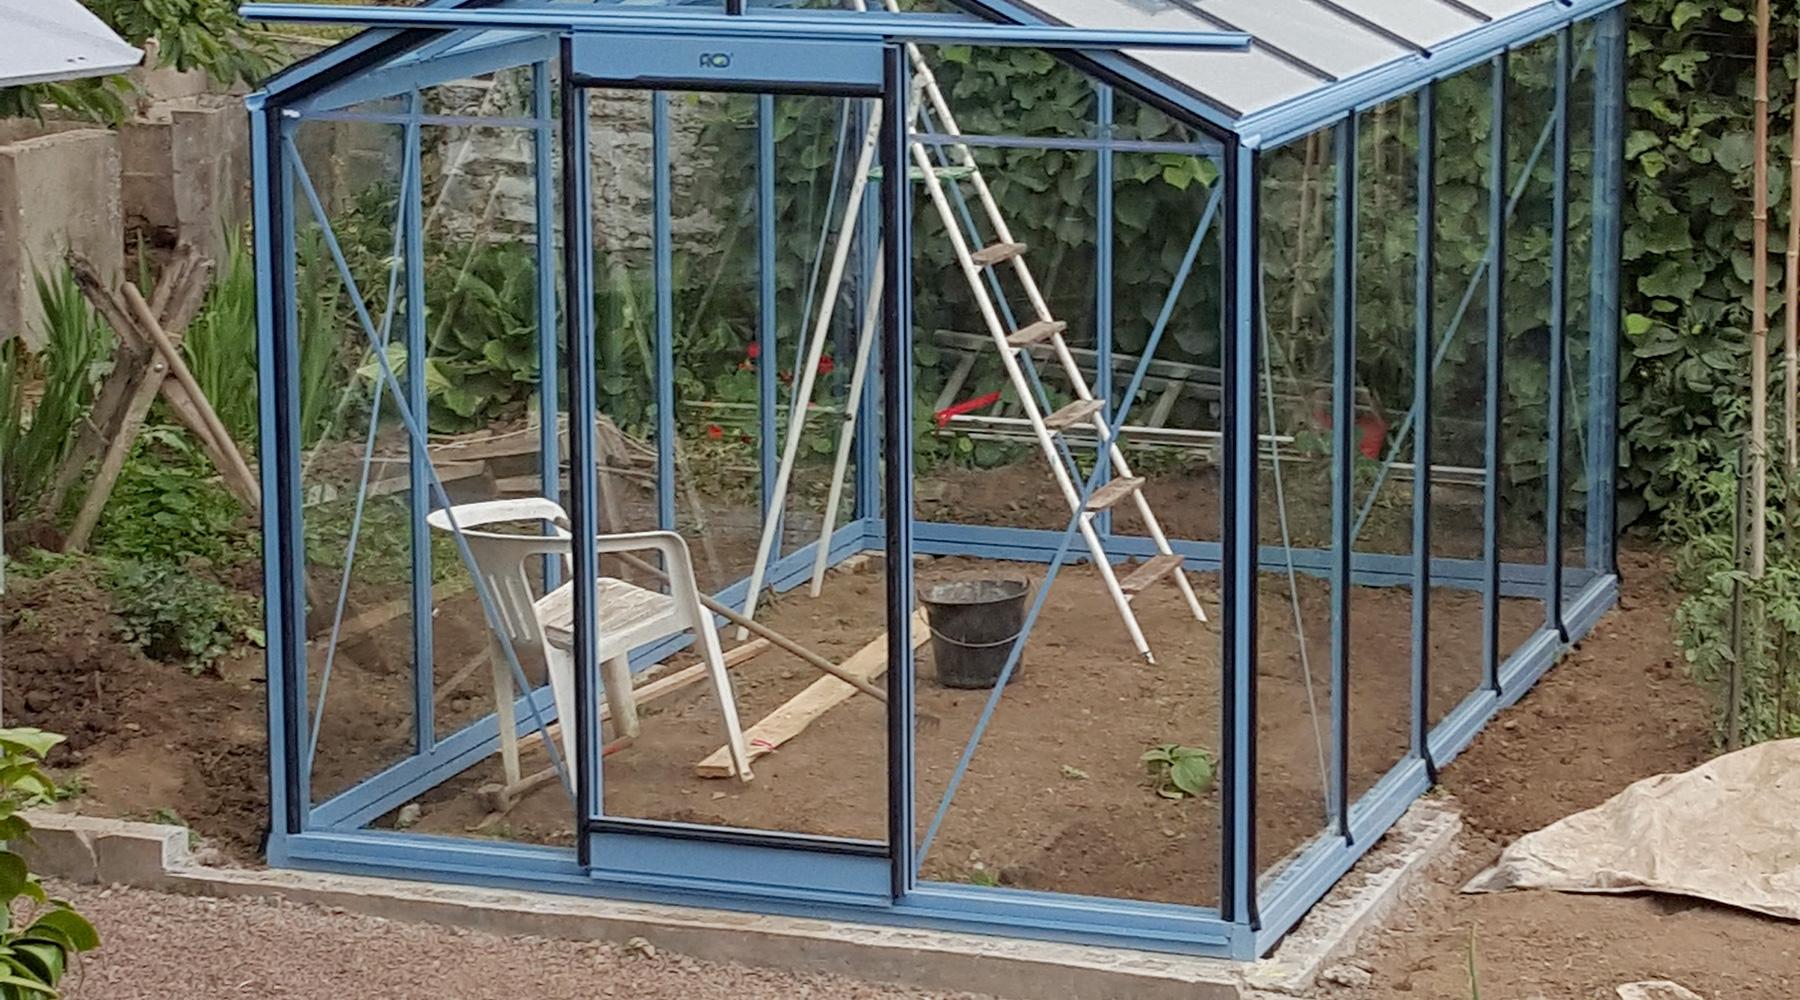 Serre de jardin - Installation de serre de jardin | Paysages ...